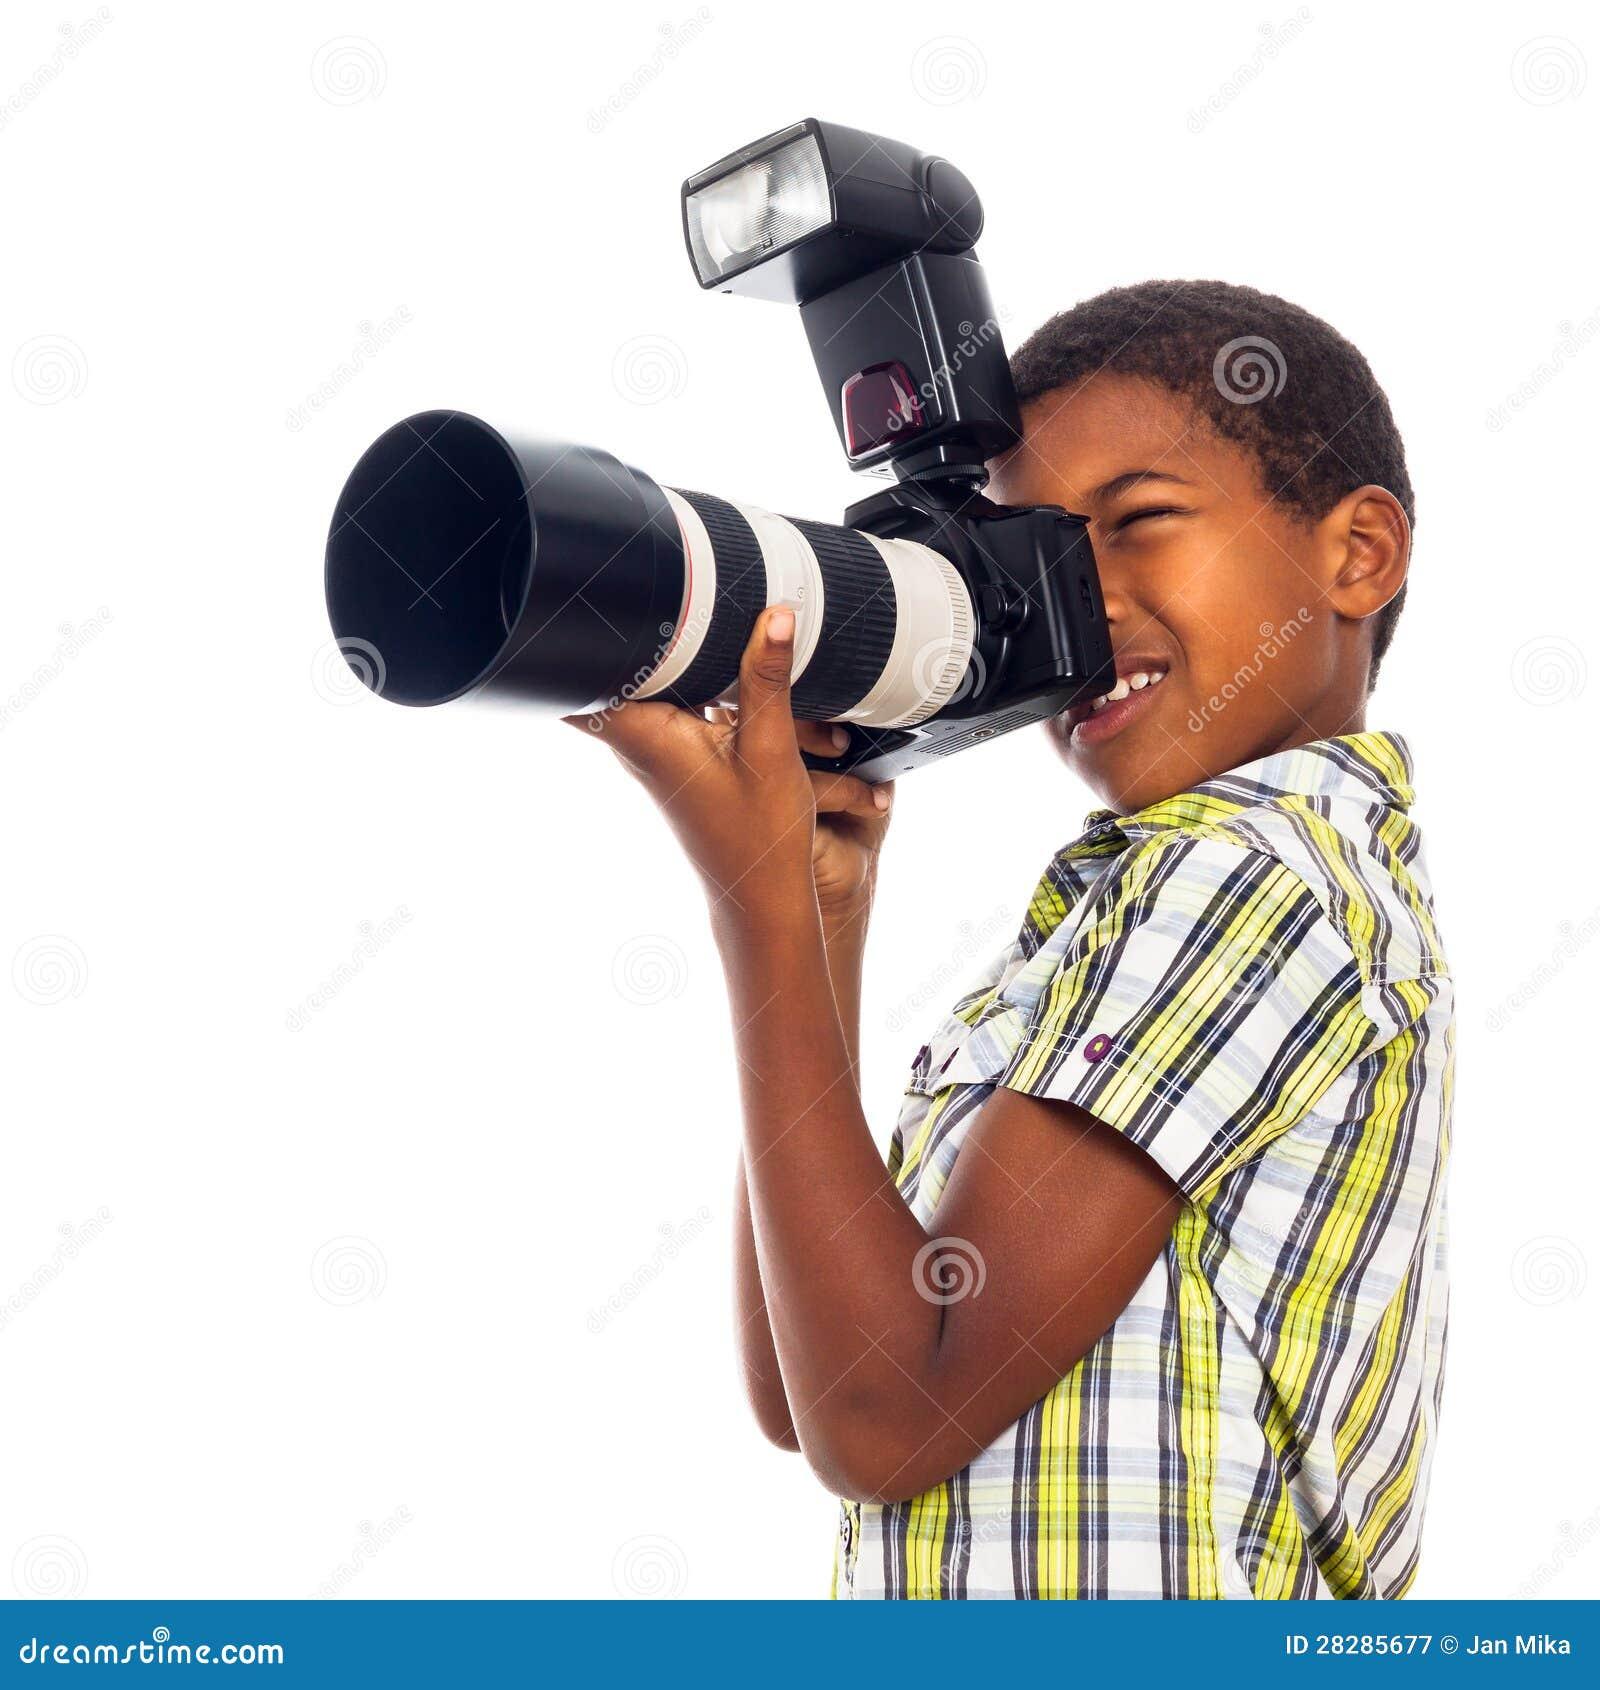 photographe d 39 enfant avec l 39 appareil photo professionnel. Black Bedroom Furniture Sets. Home Design Ideas